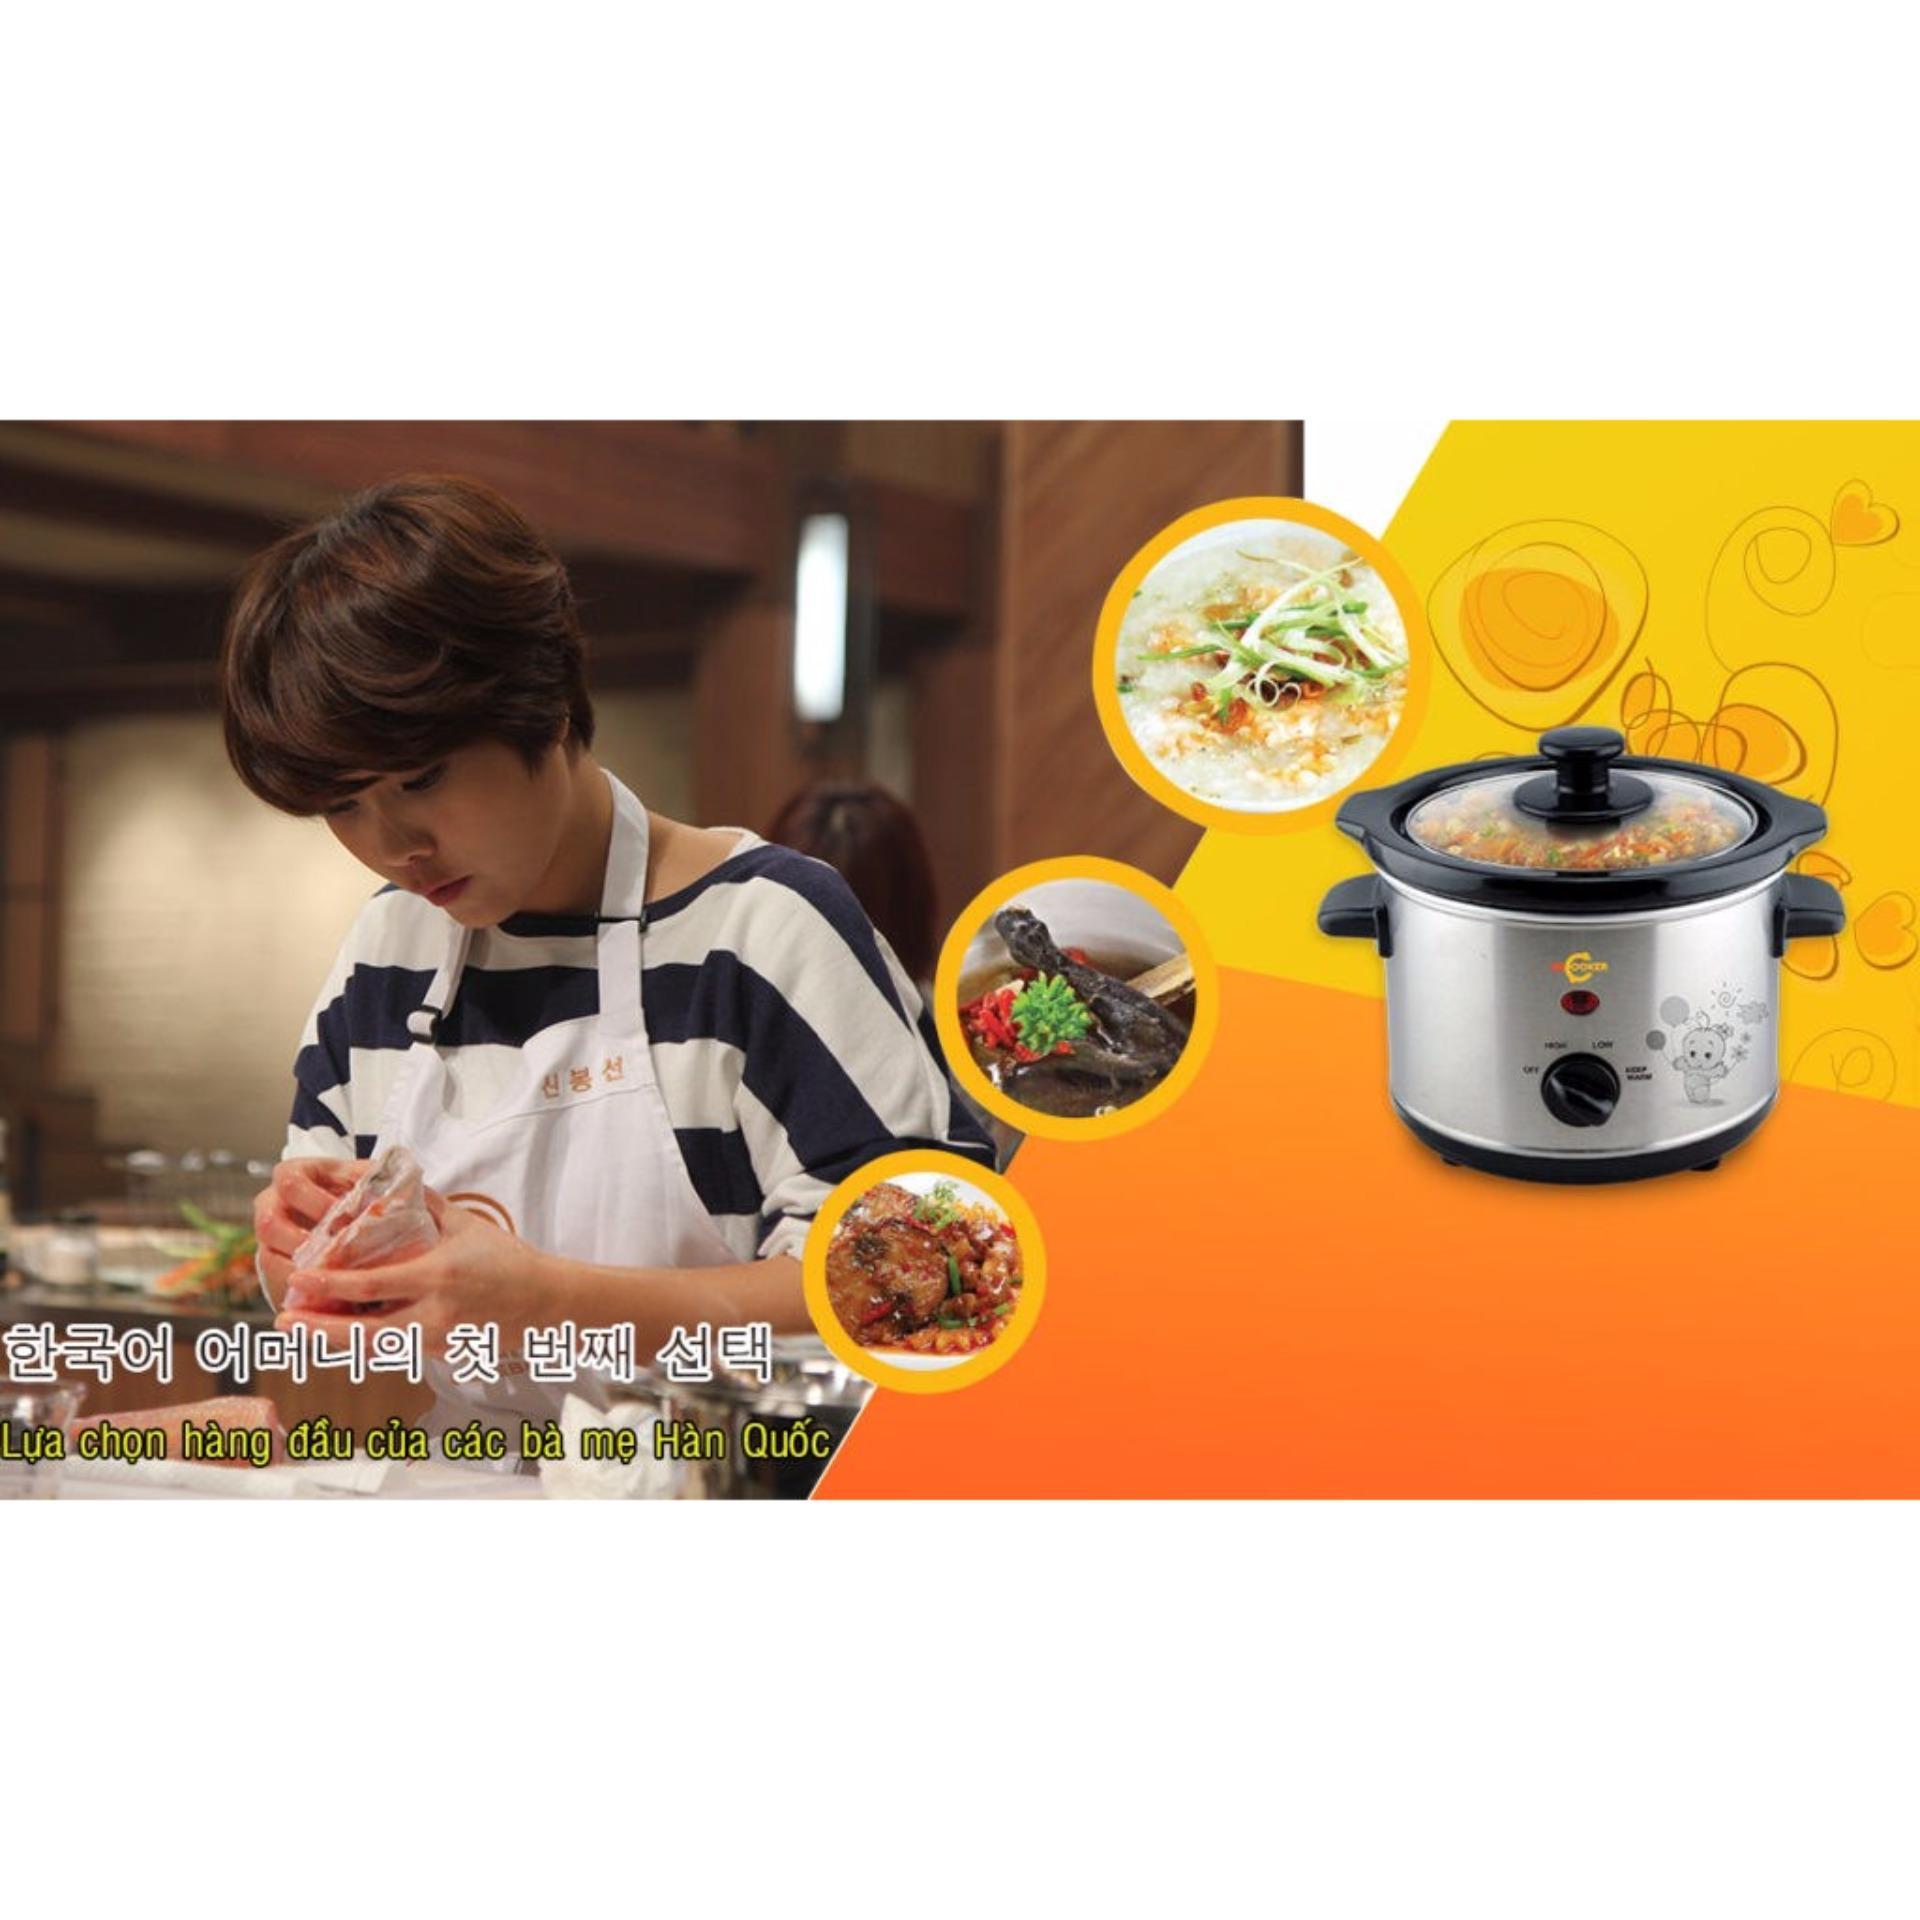 Nồi nấu cháo đa năng BB-Cooker 1,5L